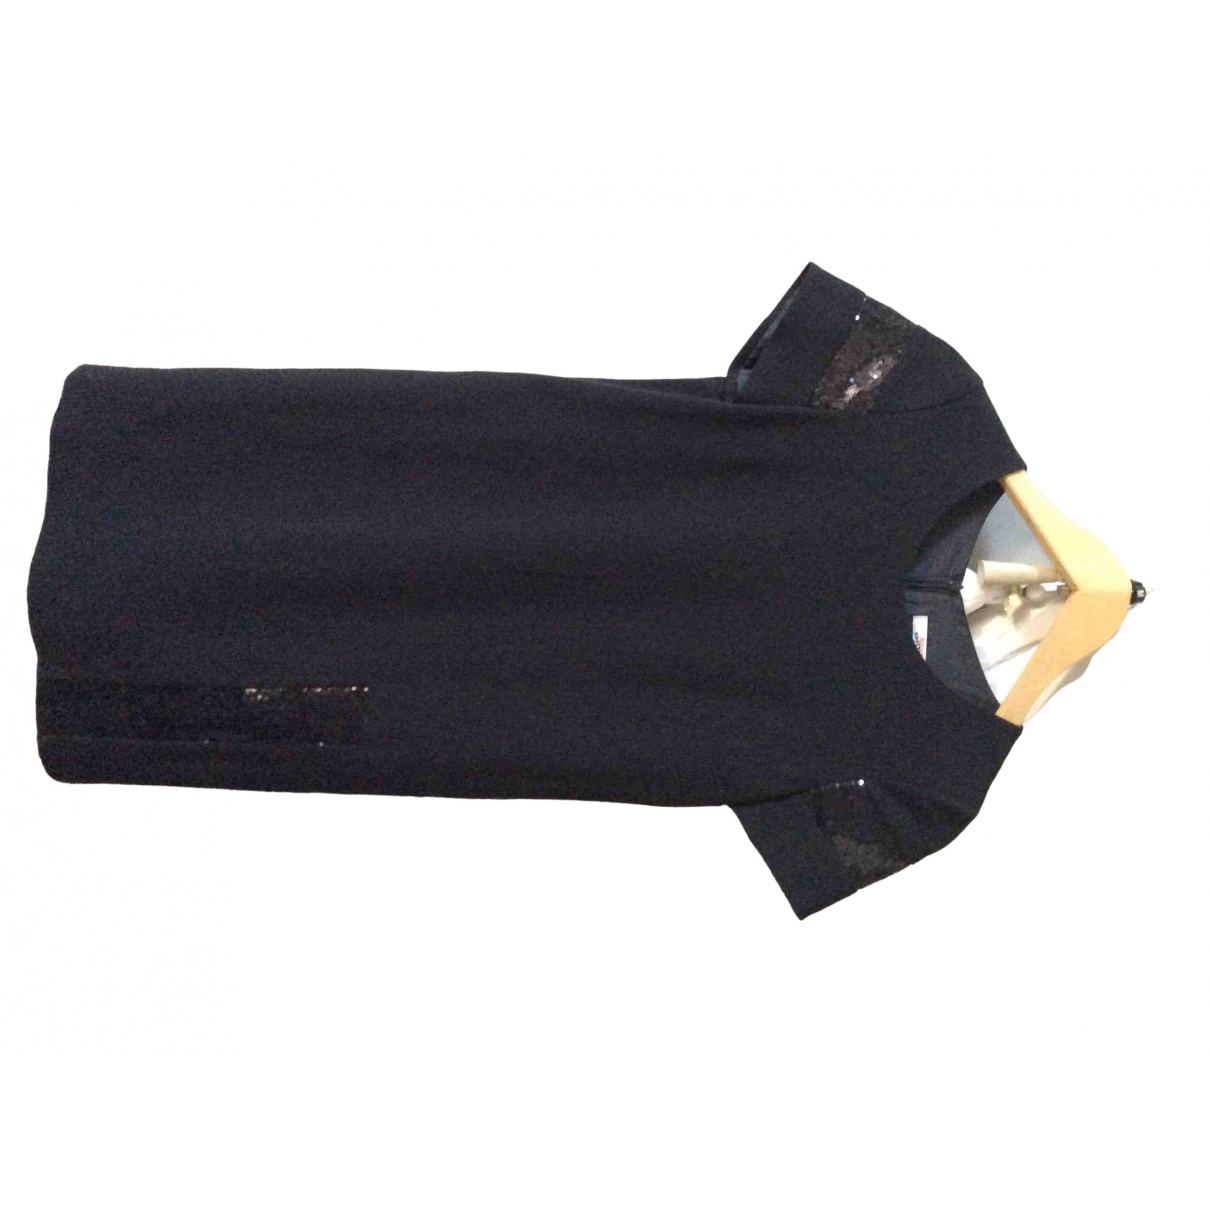 Gaultier Junior \N Kleid in  Schwarz Polyester